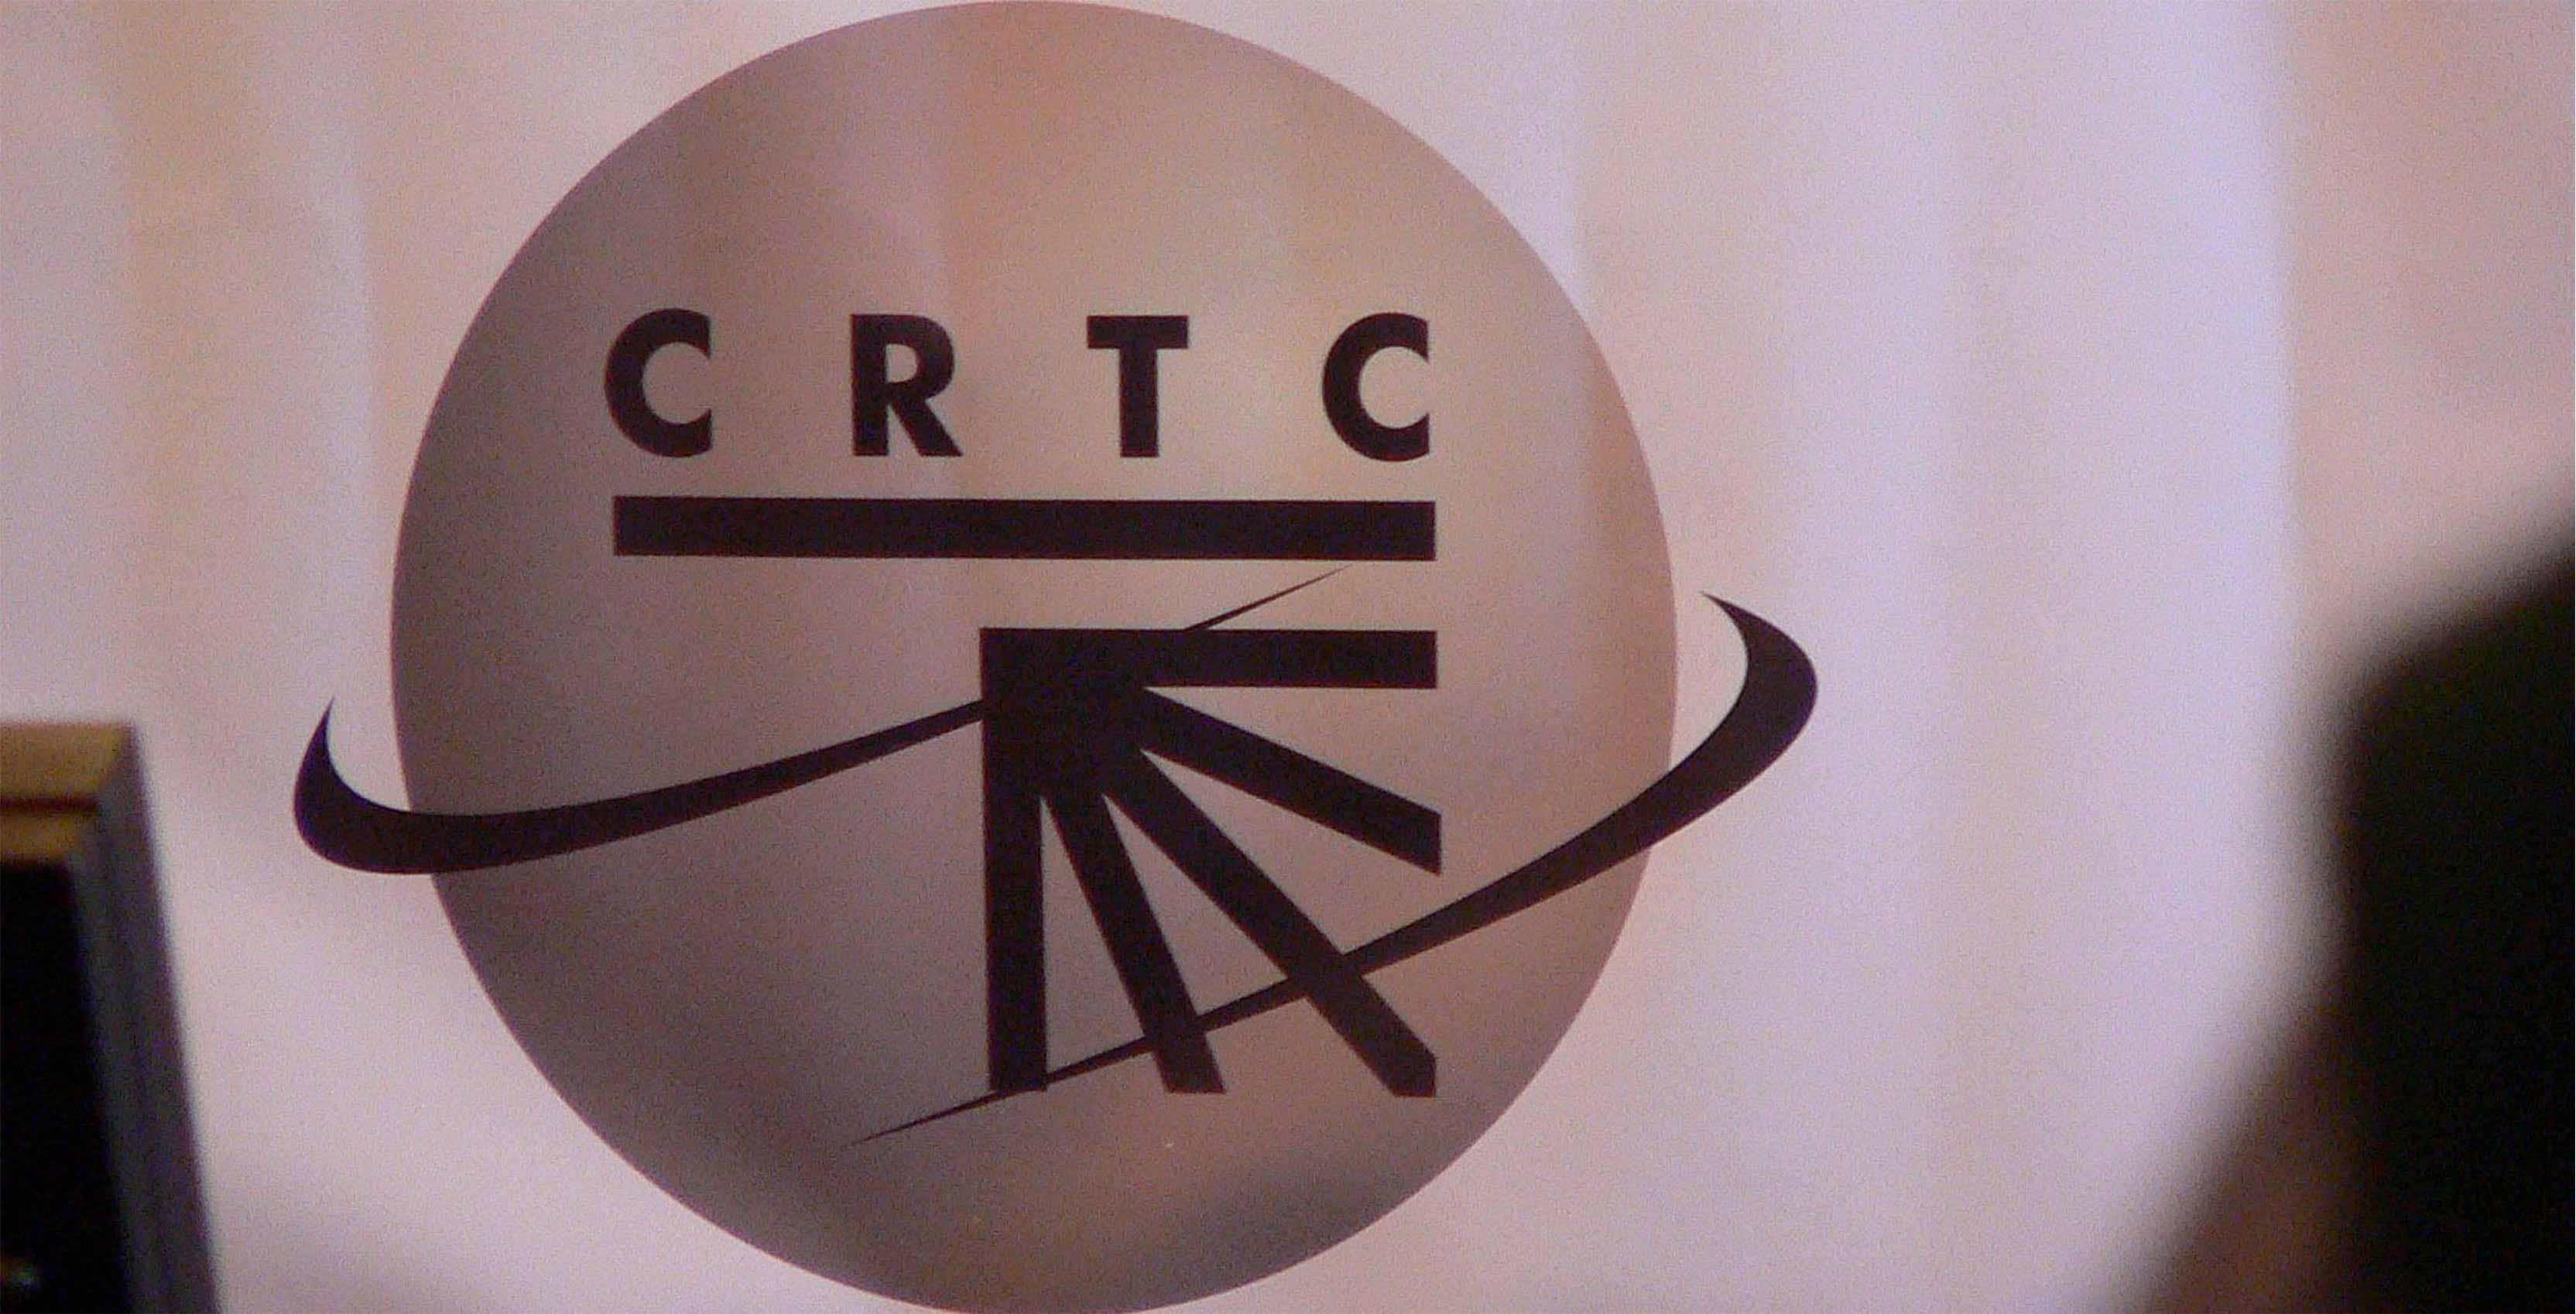 CRTC sign